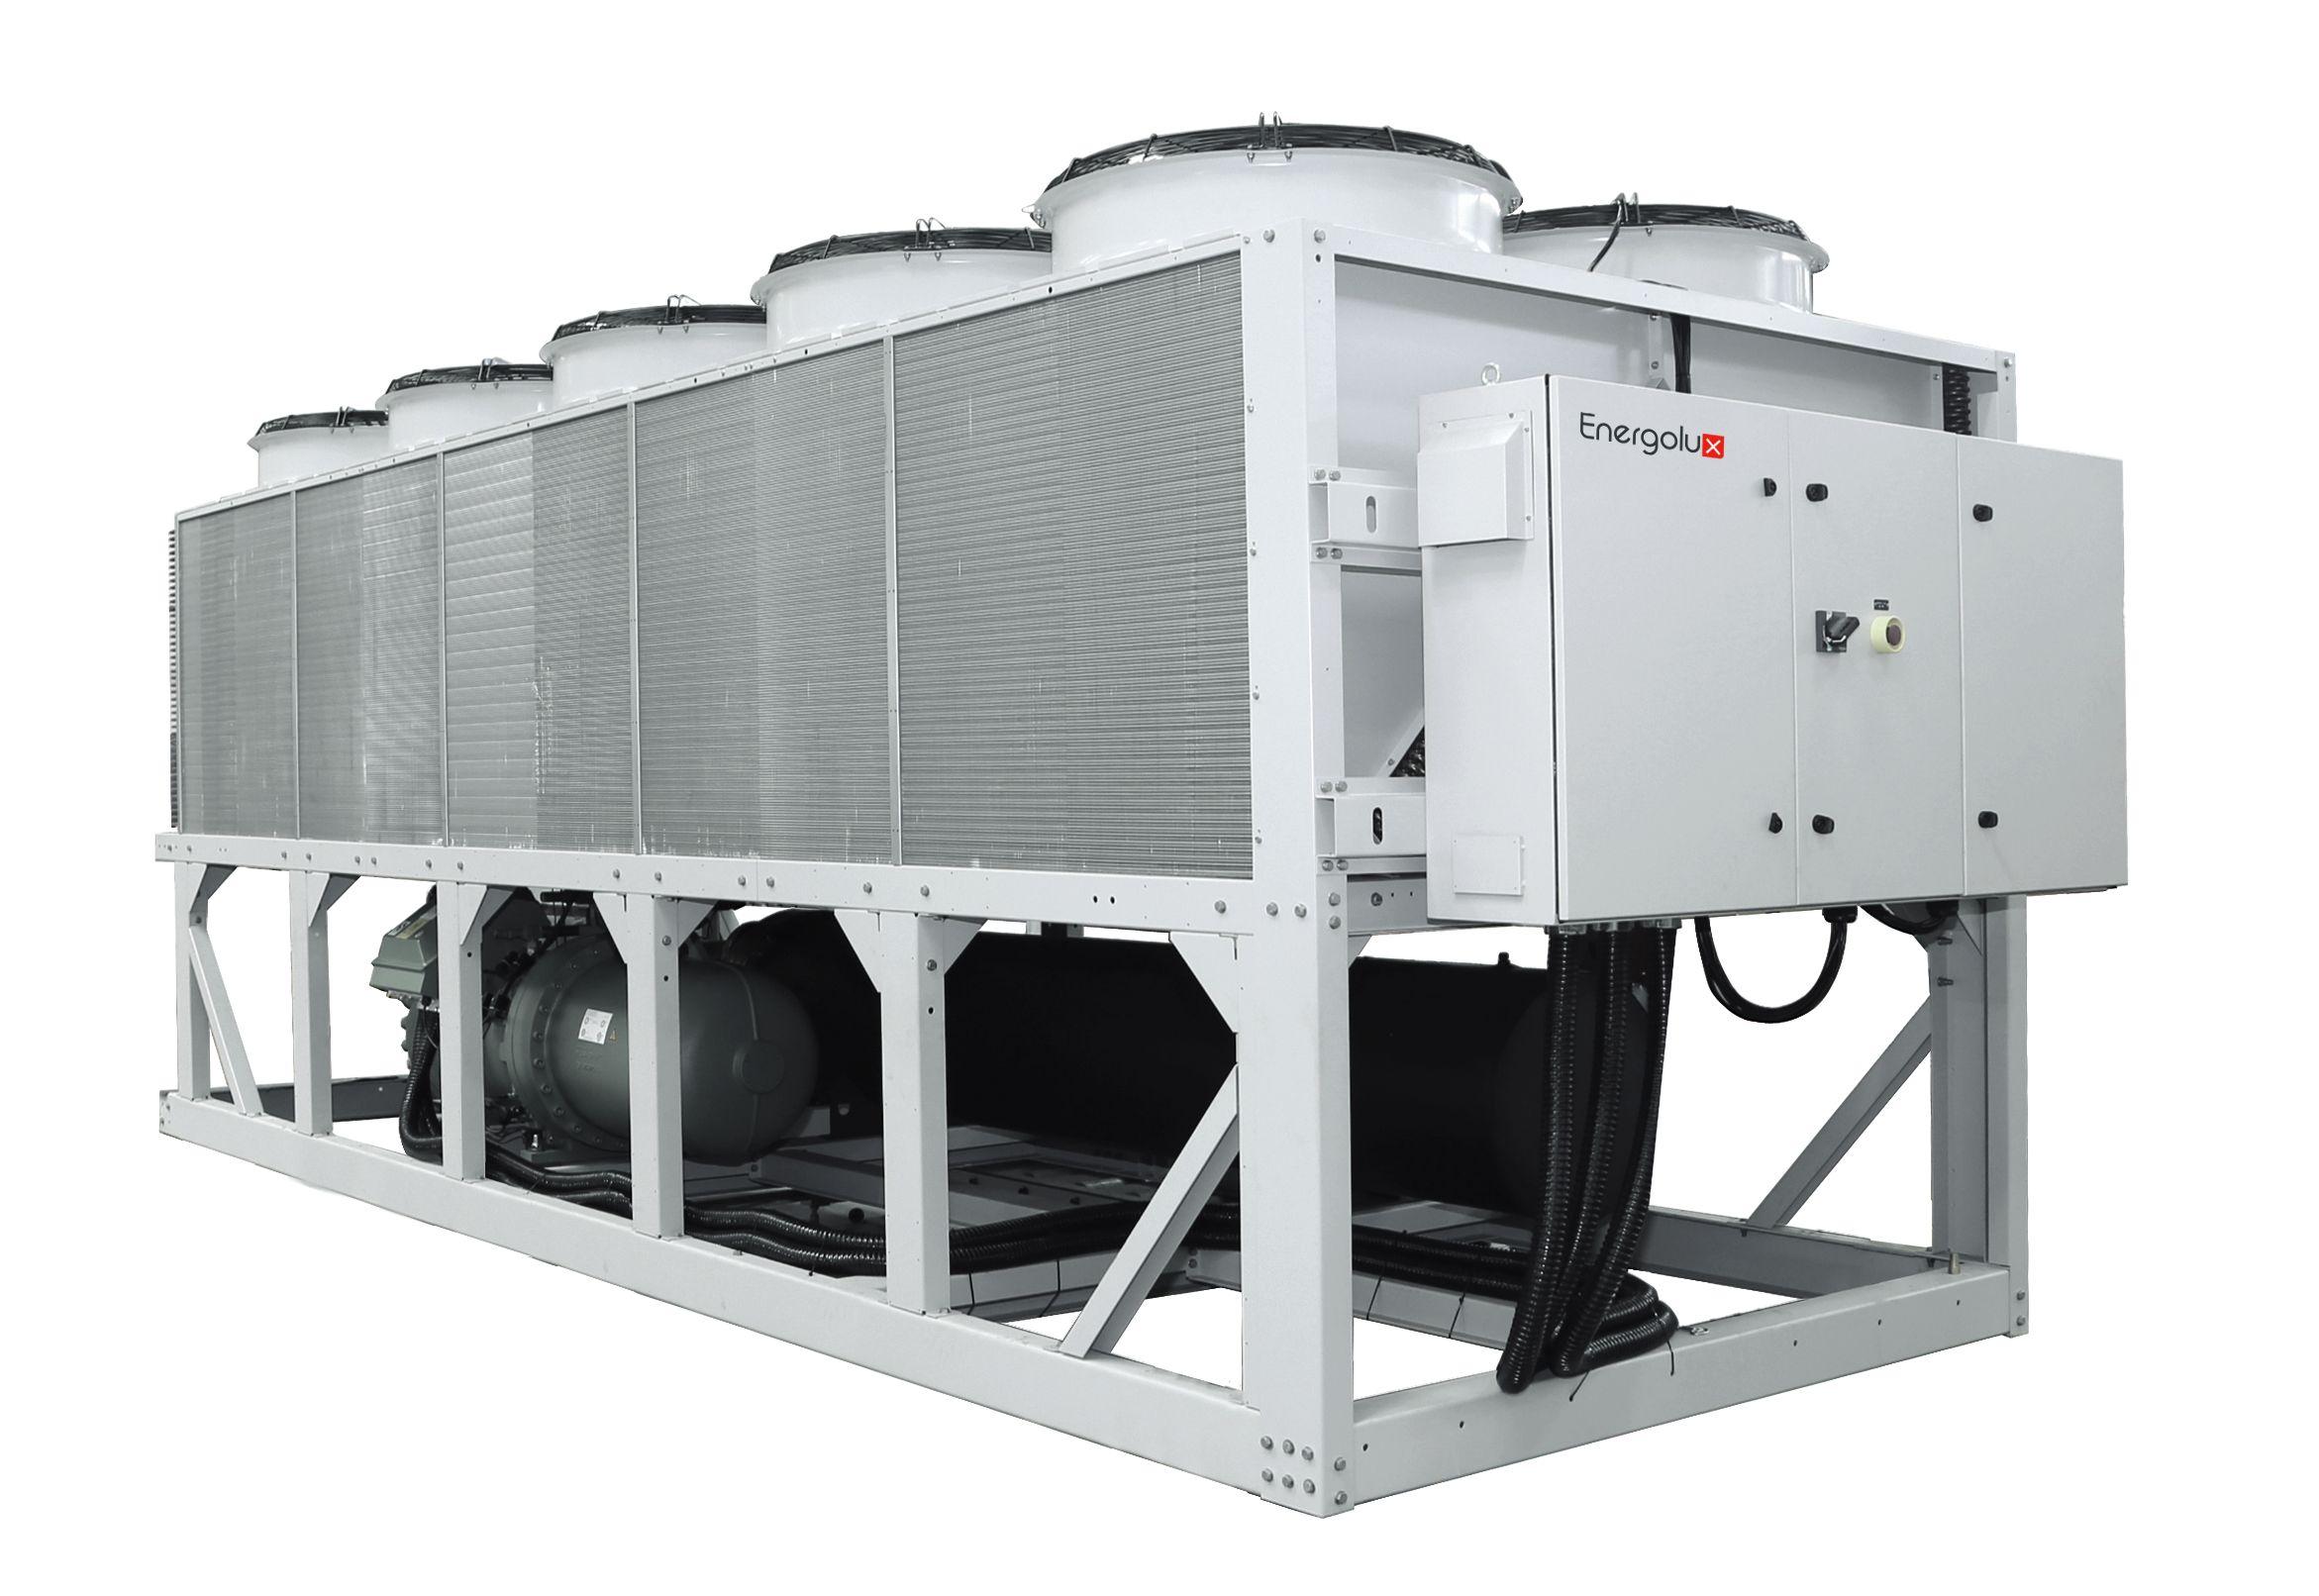 Energolux SCAW-T 2430 V